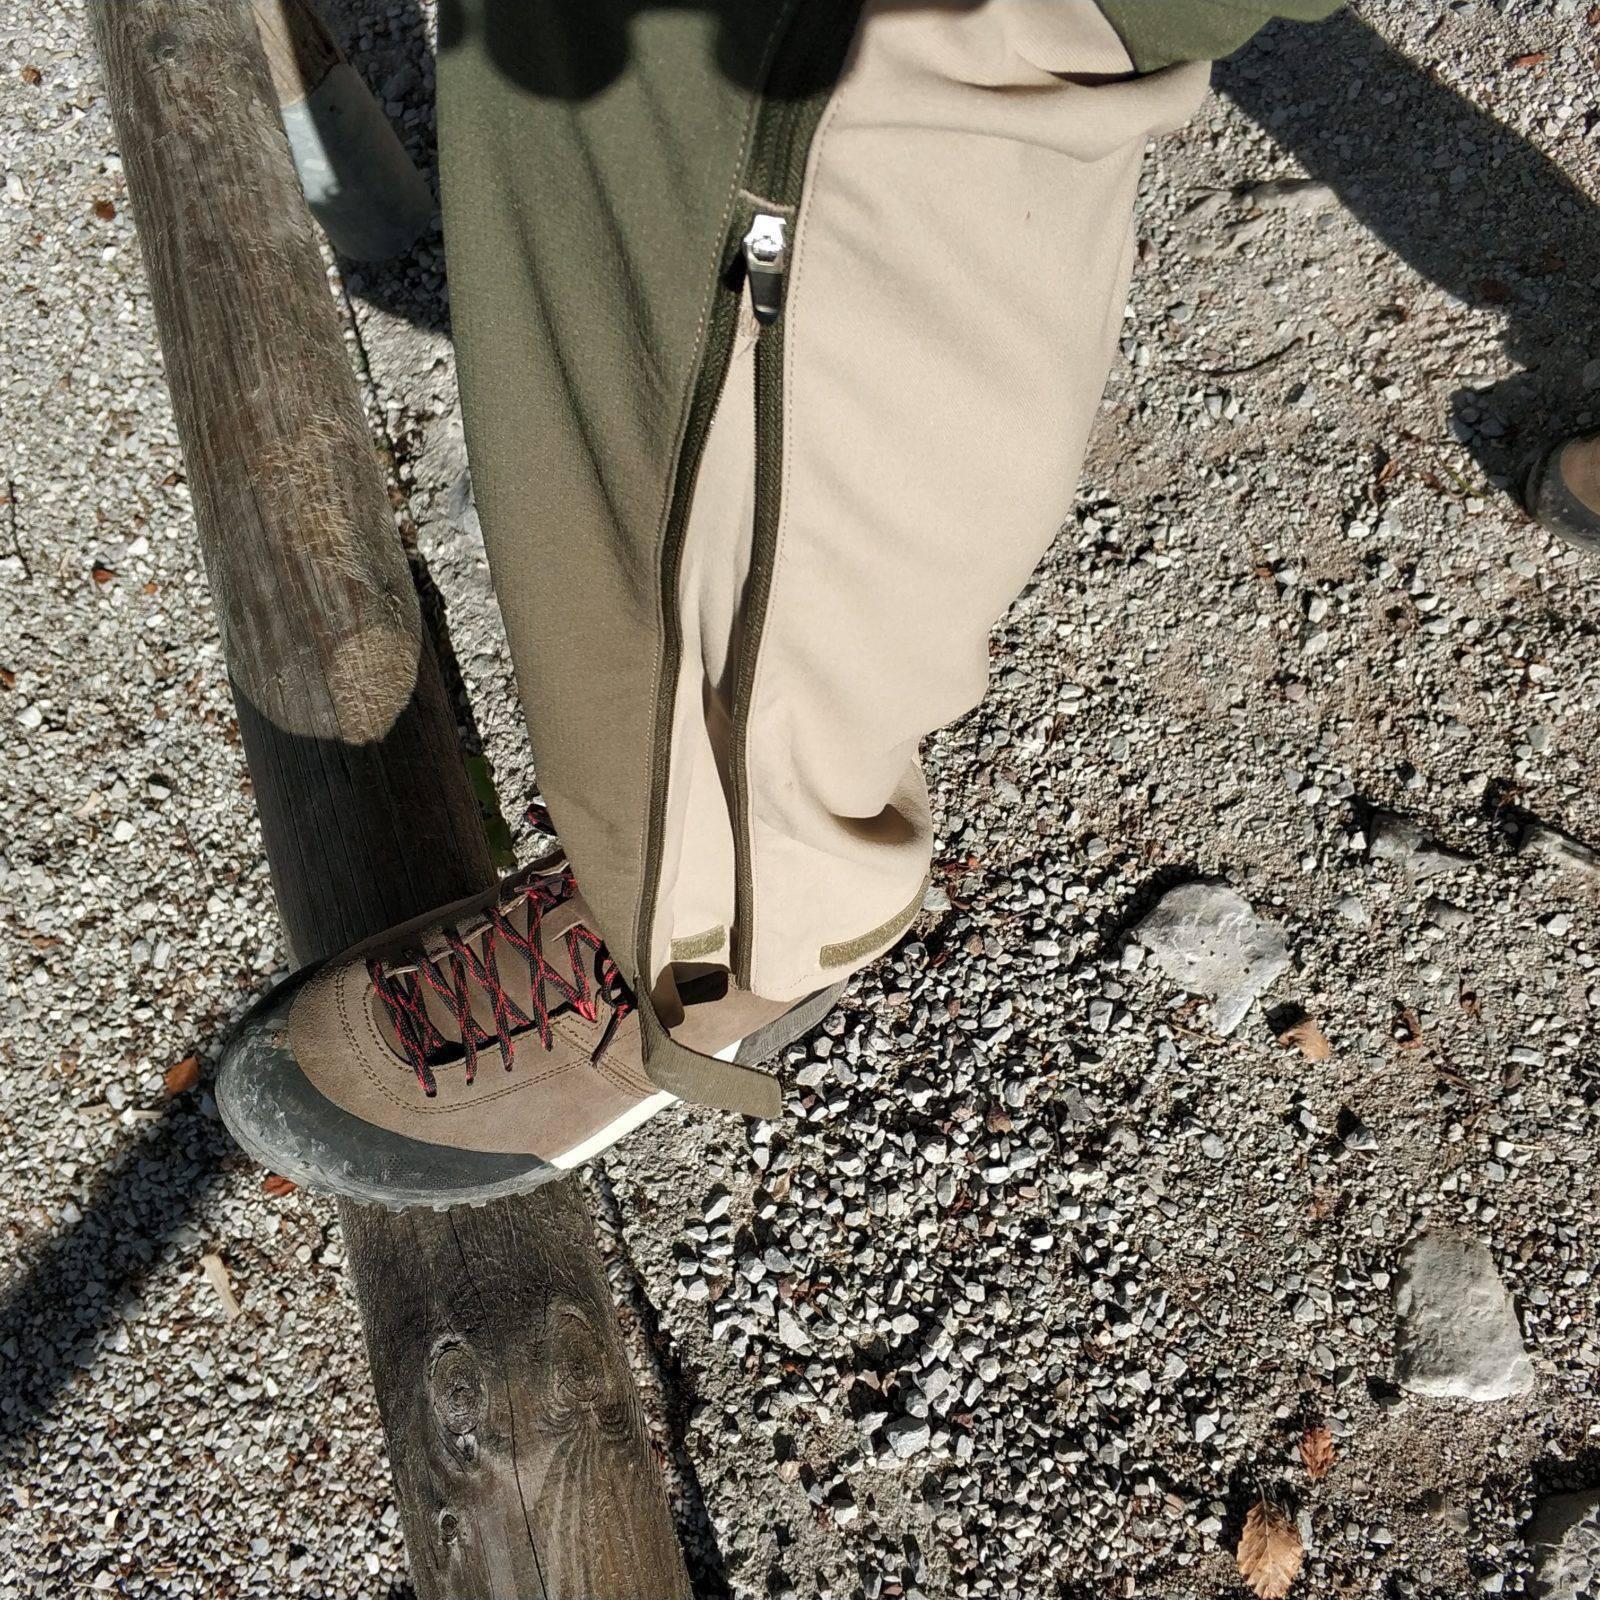 Gamba regolabile in lunghezza e larghezza con zip e velcro